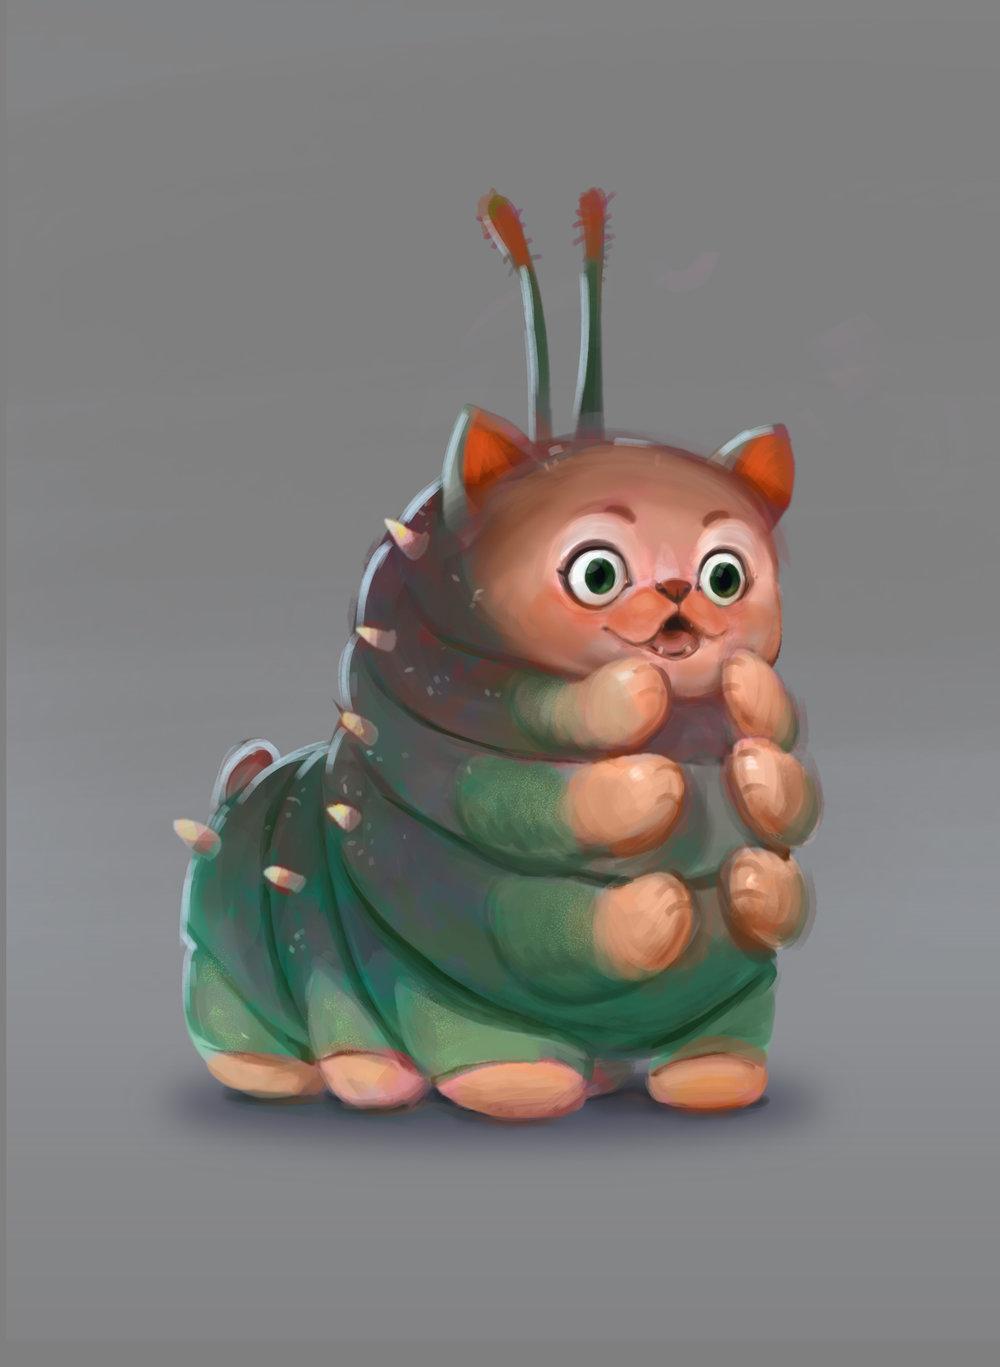 fixing catpillar 11-04-16 a.jpg